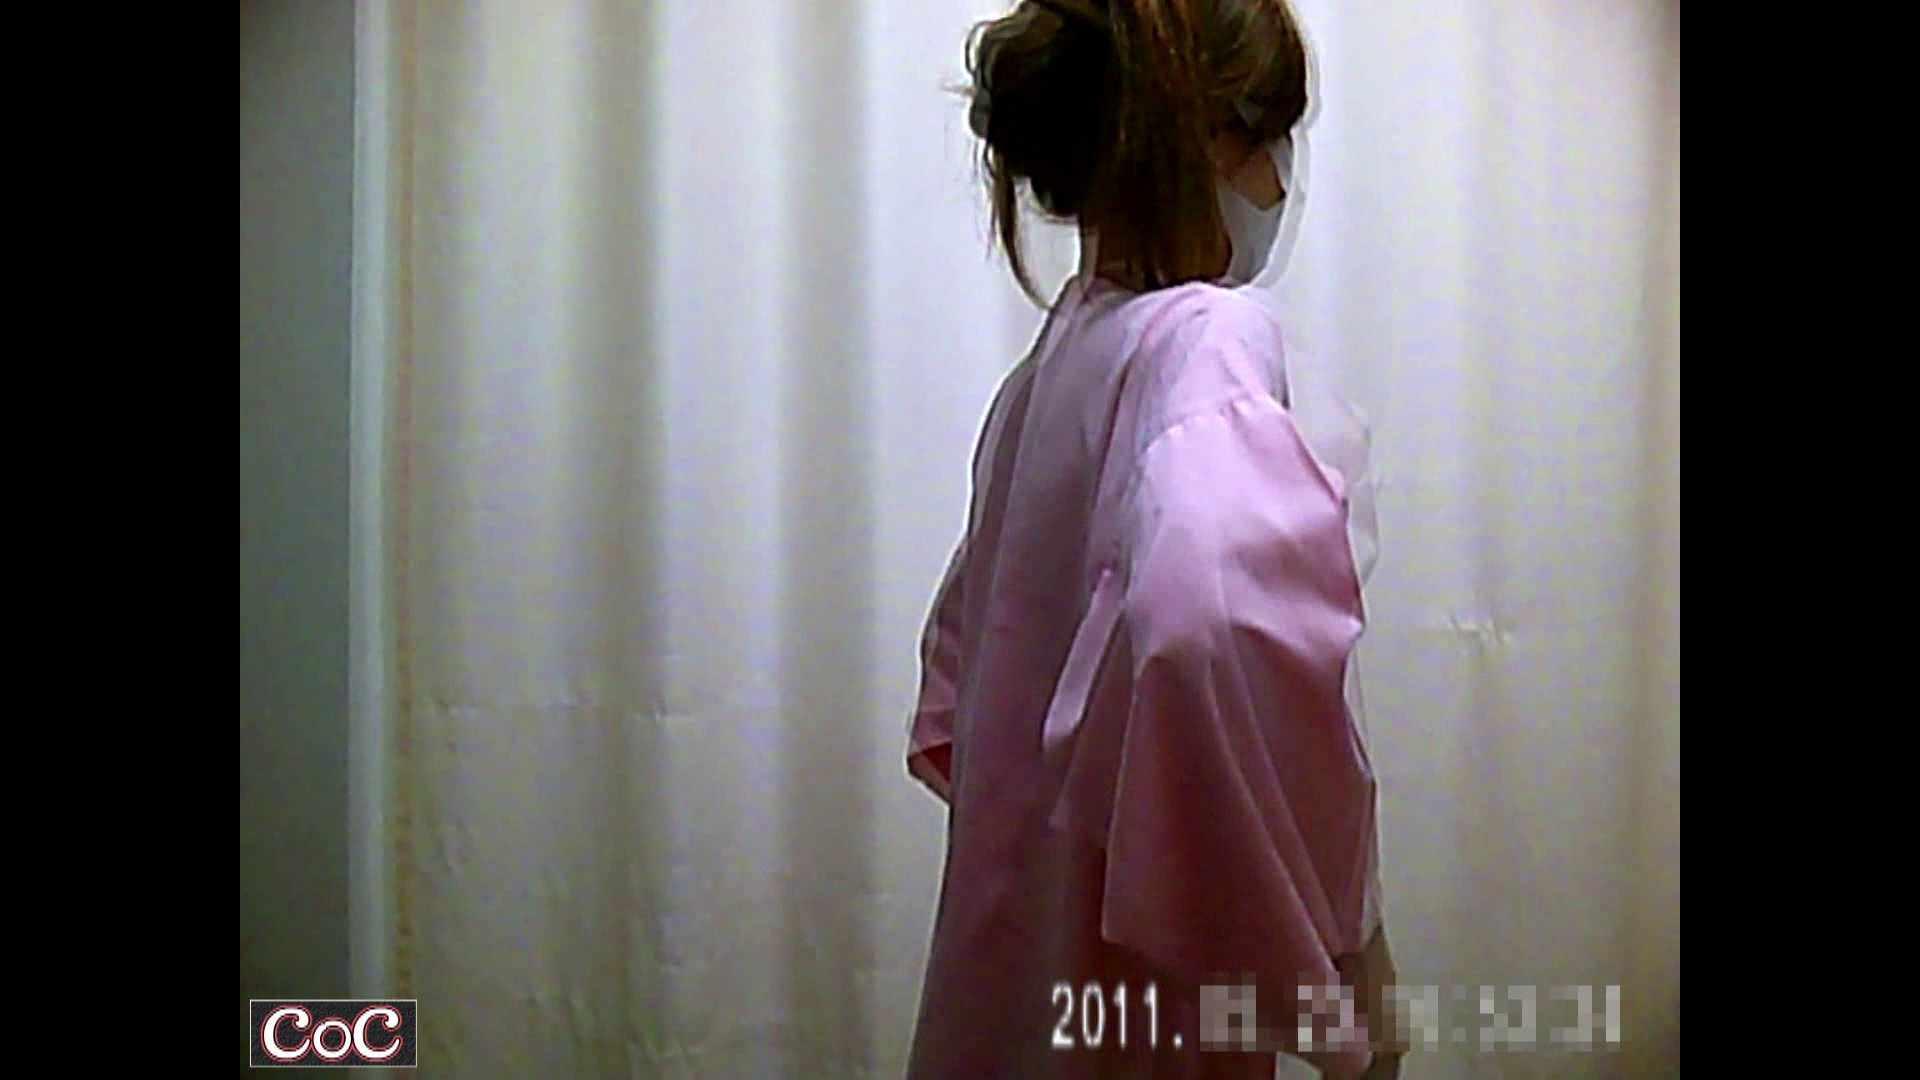 病院おもいっきり着替え! vol.125 貧乳編 のぞき動画キャプチャ 76画像 31